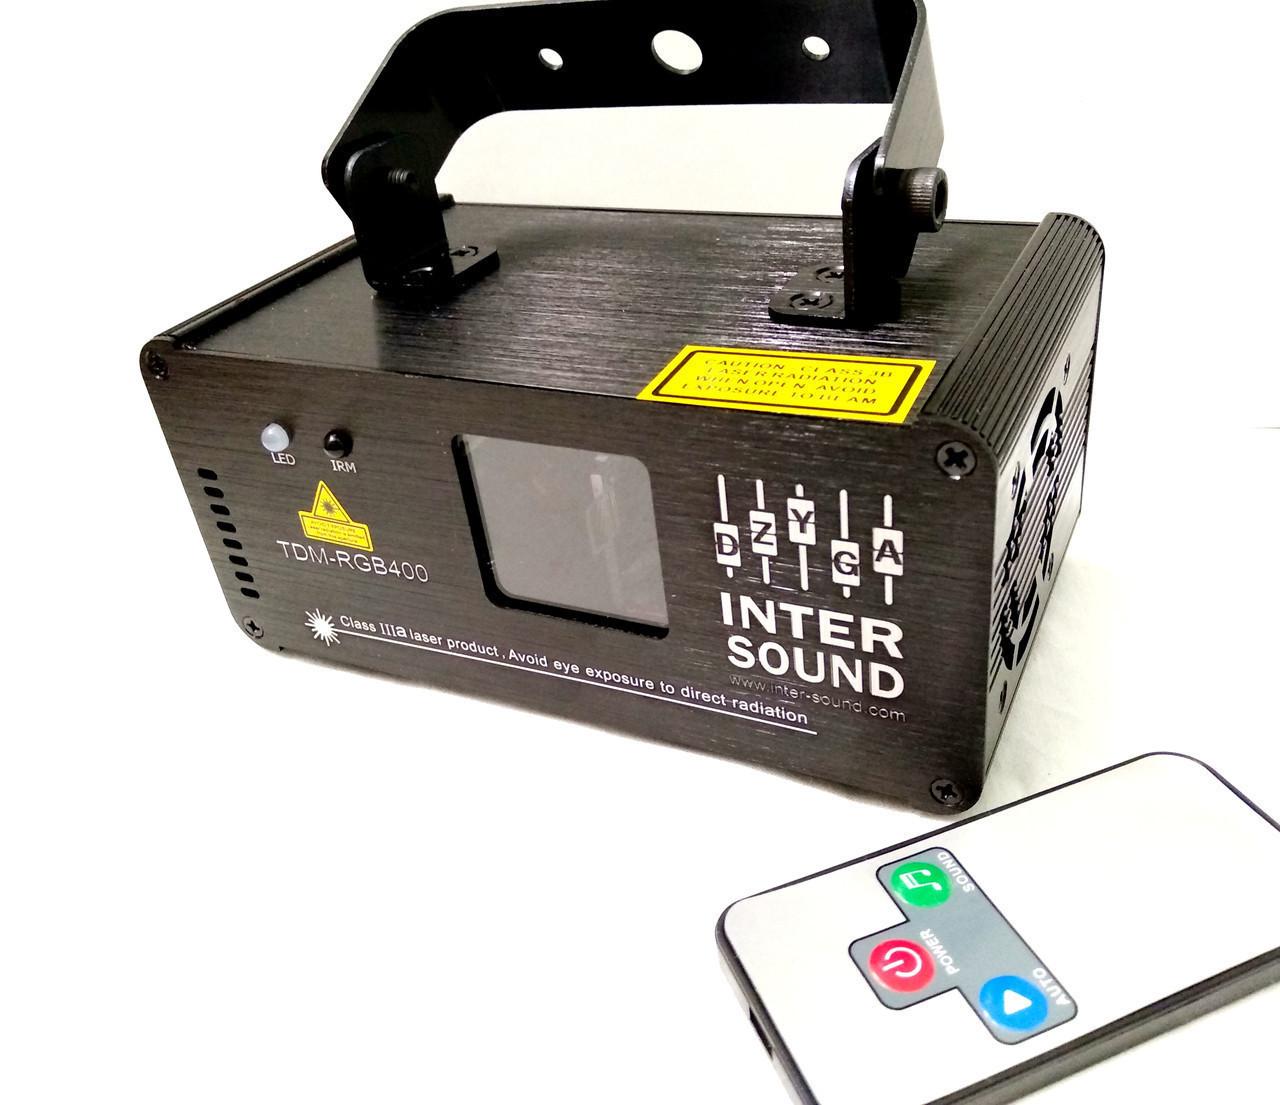 Диско лазер 3D RGB c DMX512. TDM-RGB400. Лазерный дискотечный проектор, светомузыка